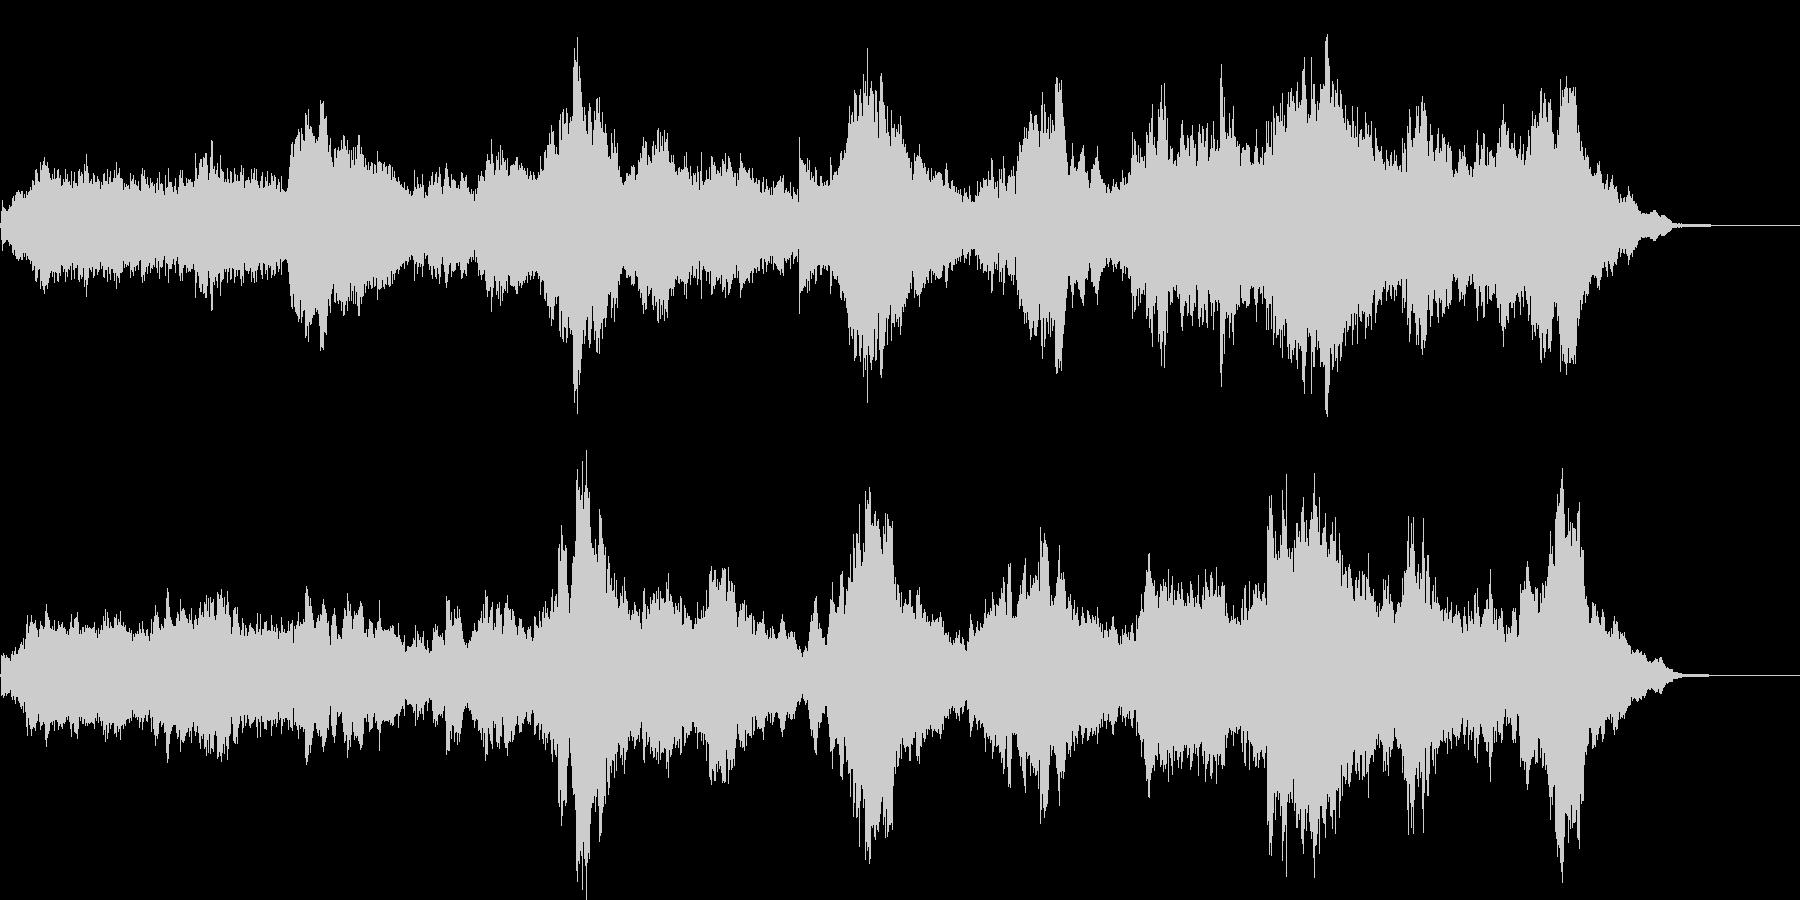 幻想的でダークなアンビエント曲の未再生の波形